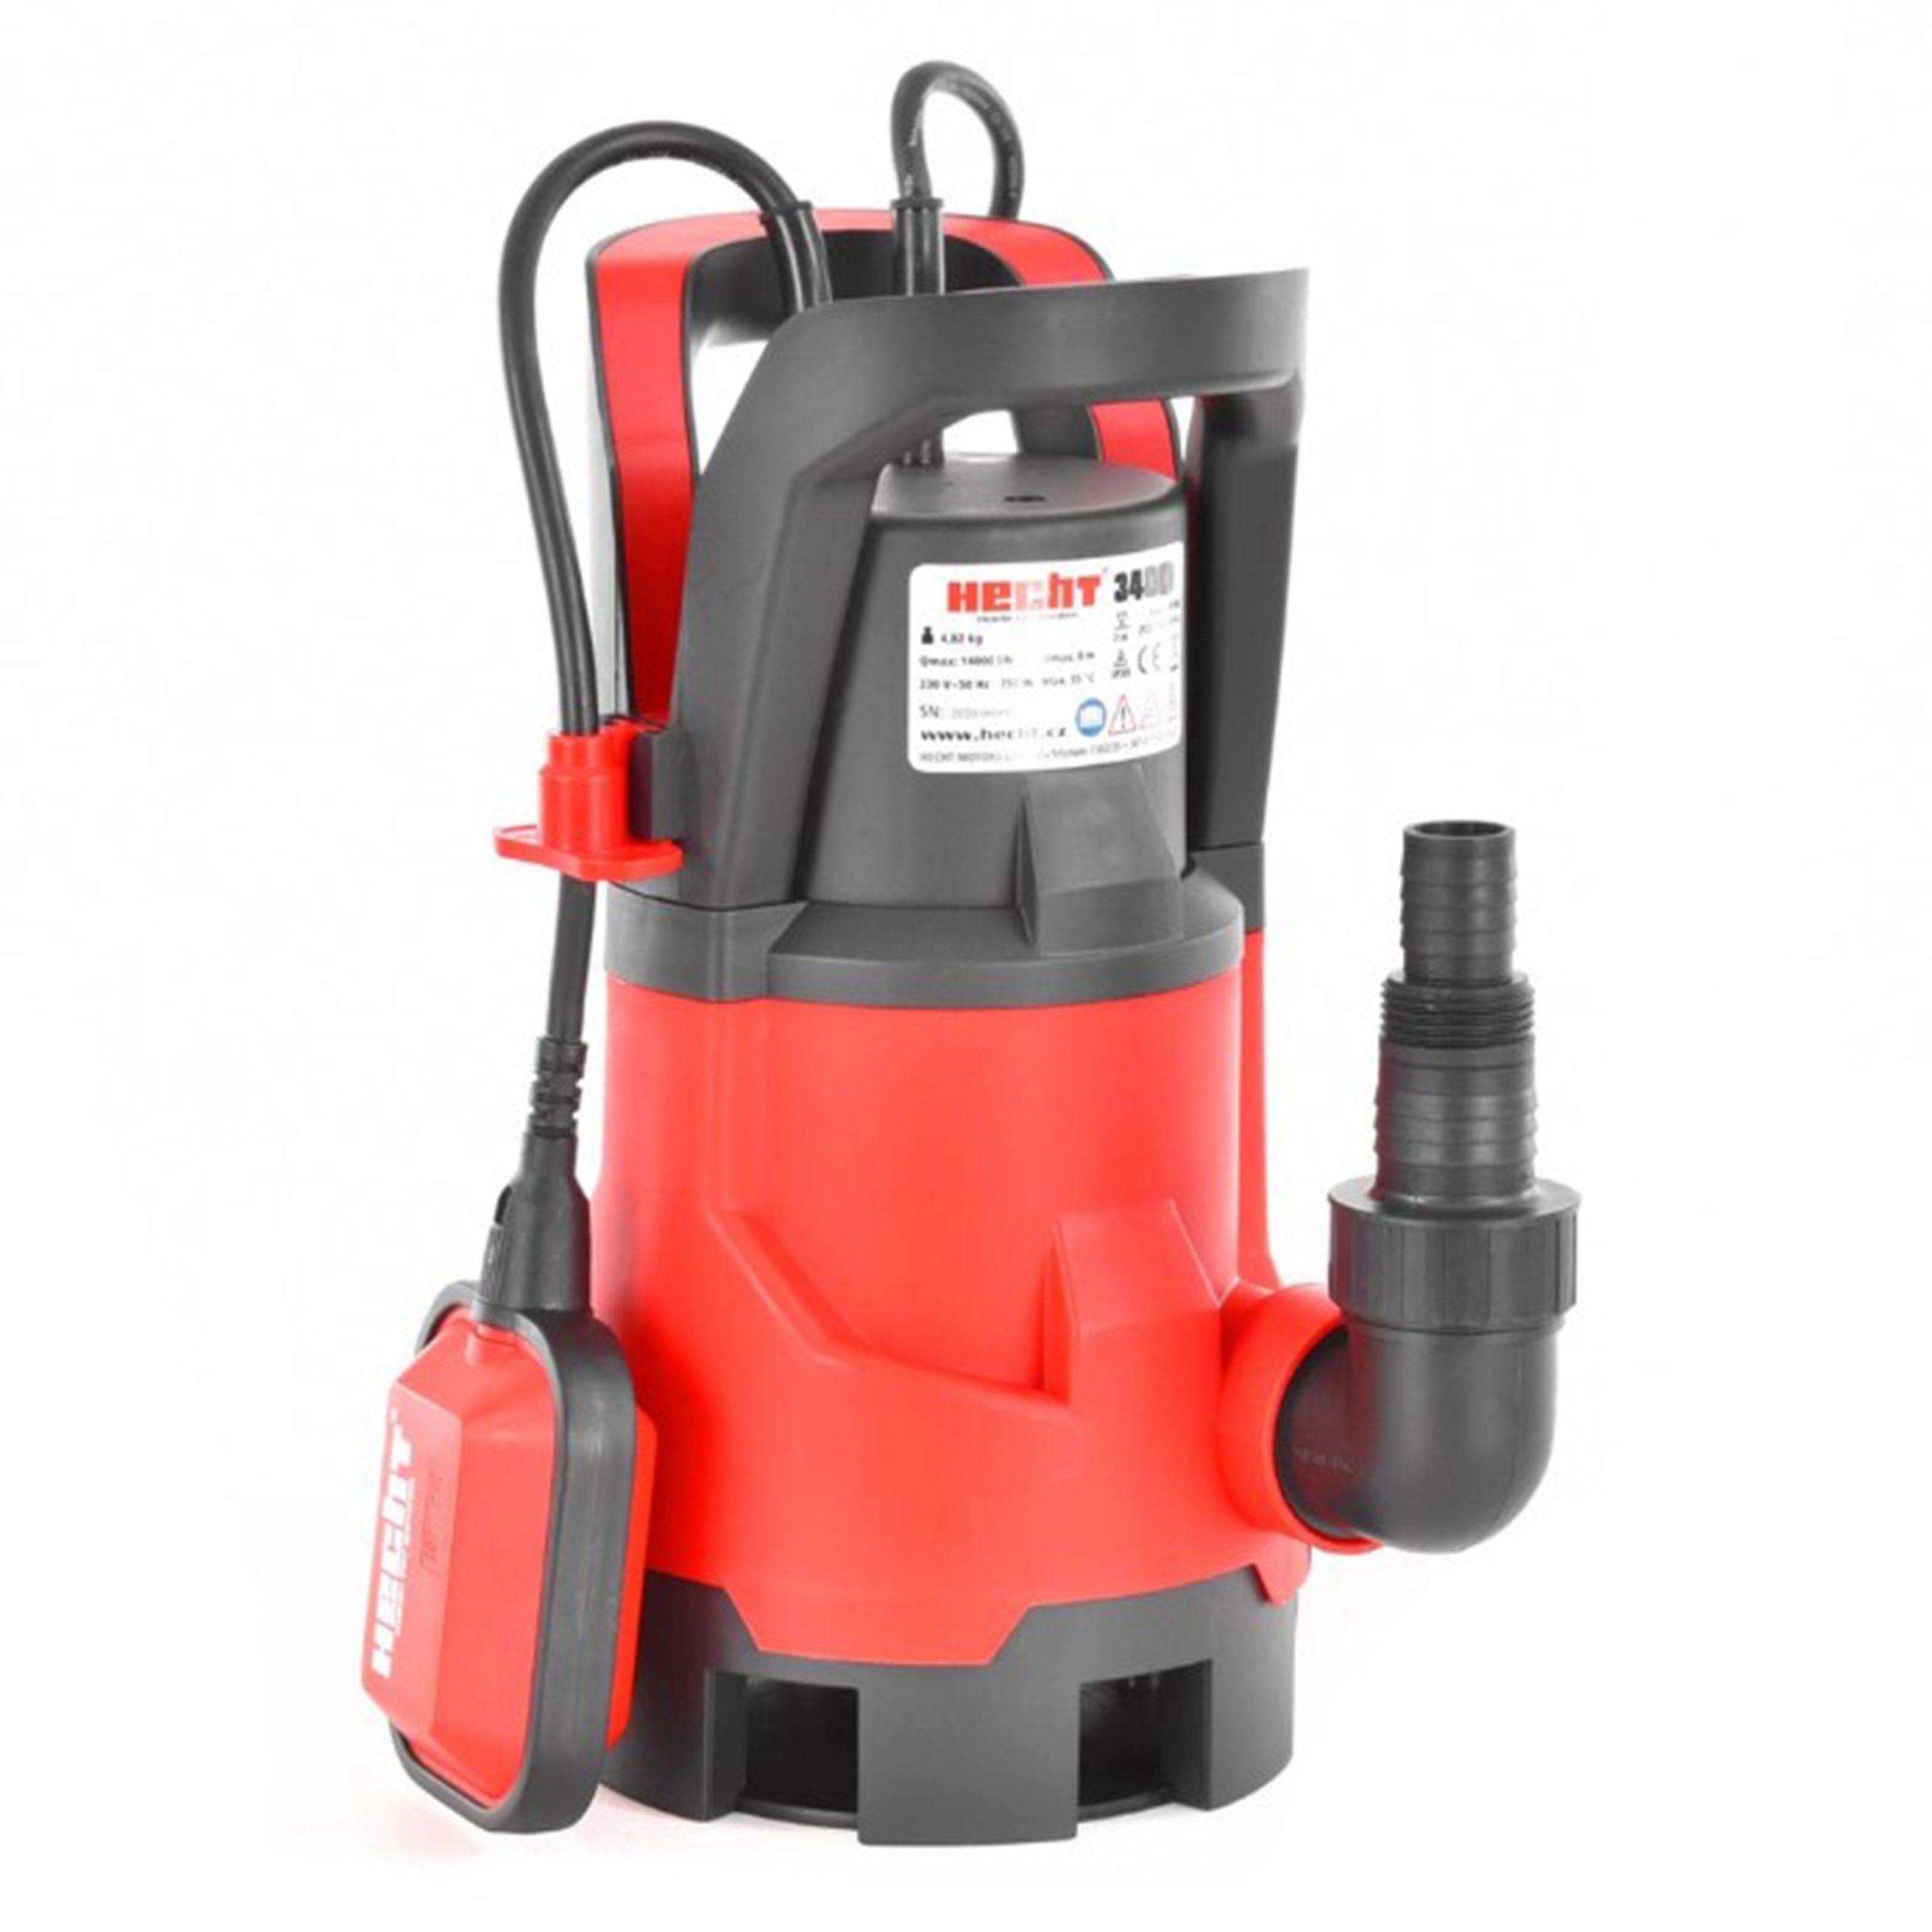 Bomba de água submersível HCT WP 3400